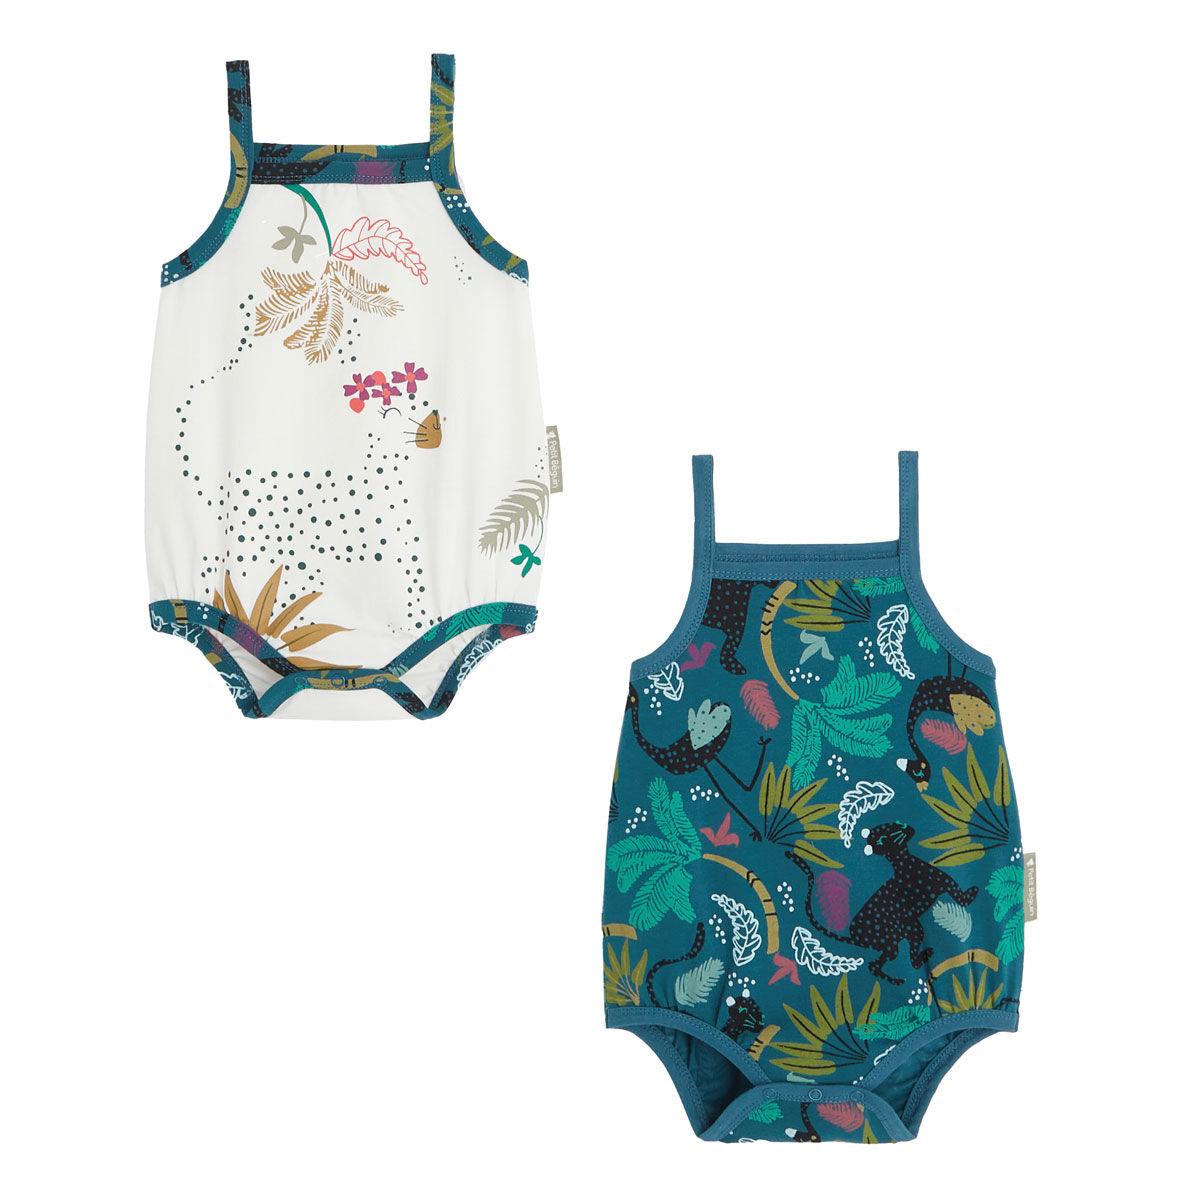 Petit Béguin Lot de 2 bodies bébé fille à bretelles Blue Coco - Taille - 18 mois